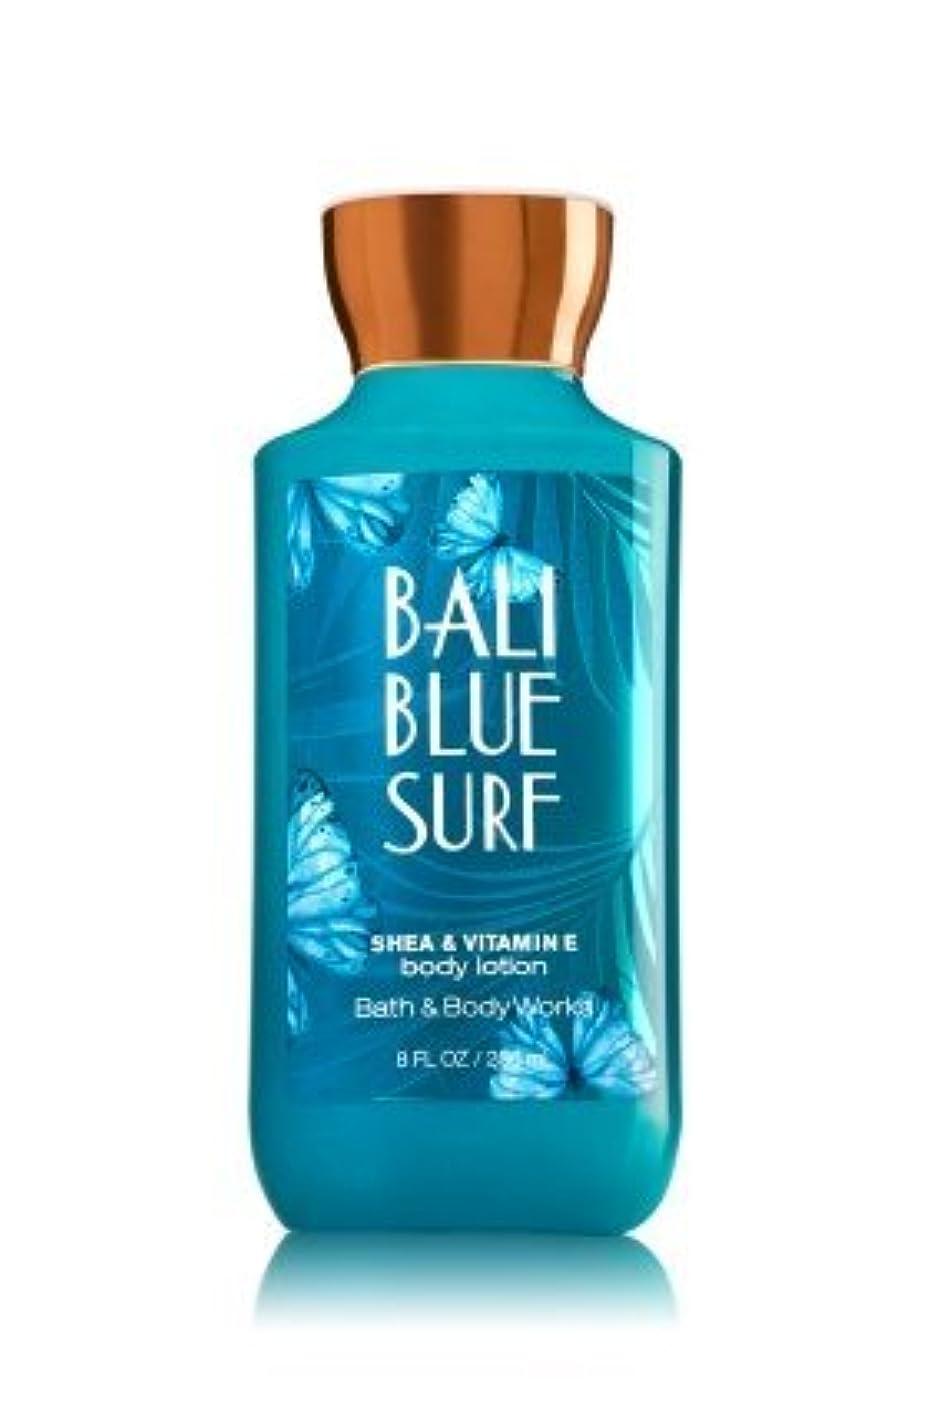 同等のコンプリートシンポジウム【Bath&Body Works/バス&ボディワークス】 ボディローション バリブルーサーフ Body Lotion Bali Blue Surf 8 fl oz / 236 mL [並行輸入品]